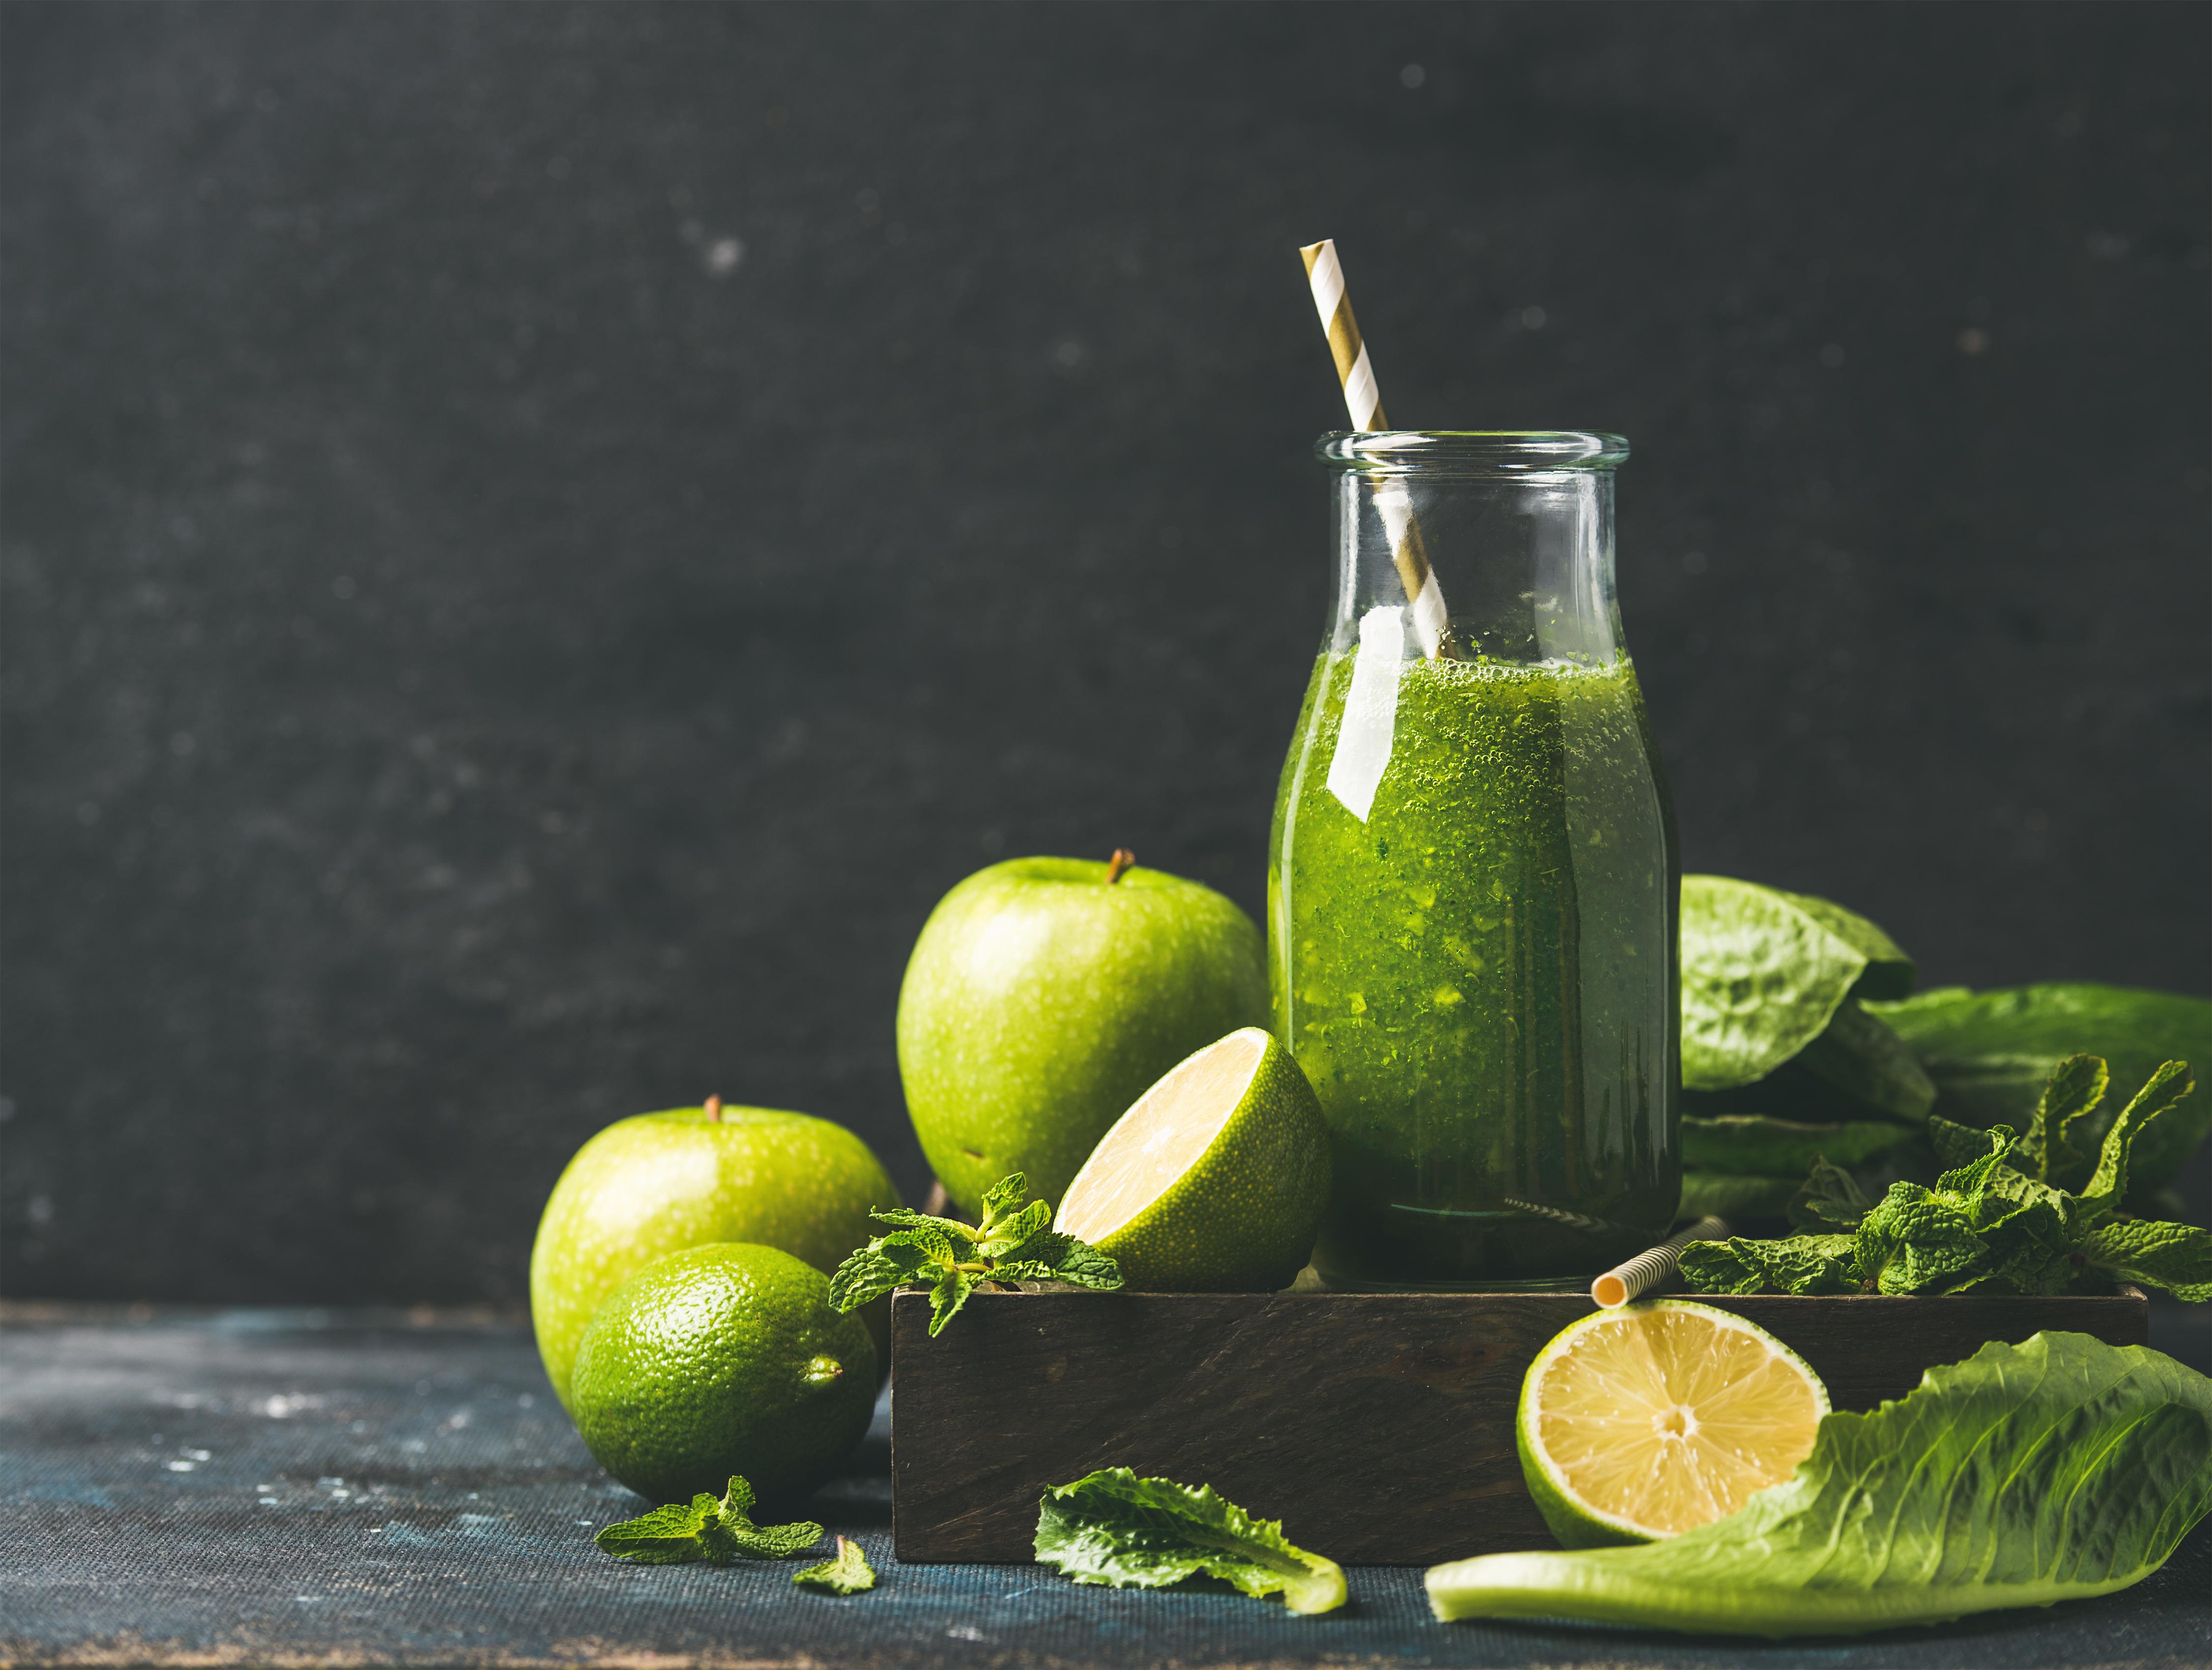 7 міфів про дієти, вірити в що — повна дурість